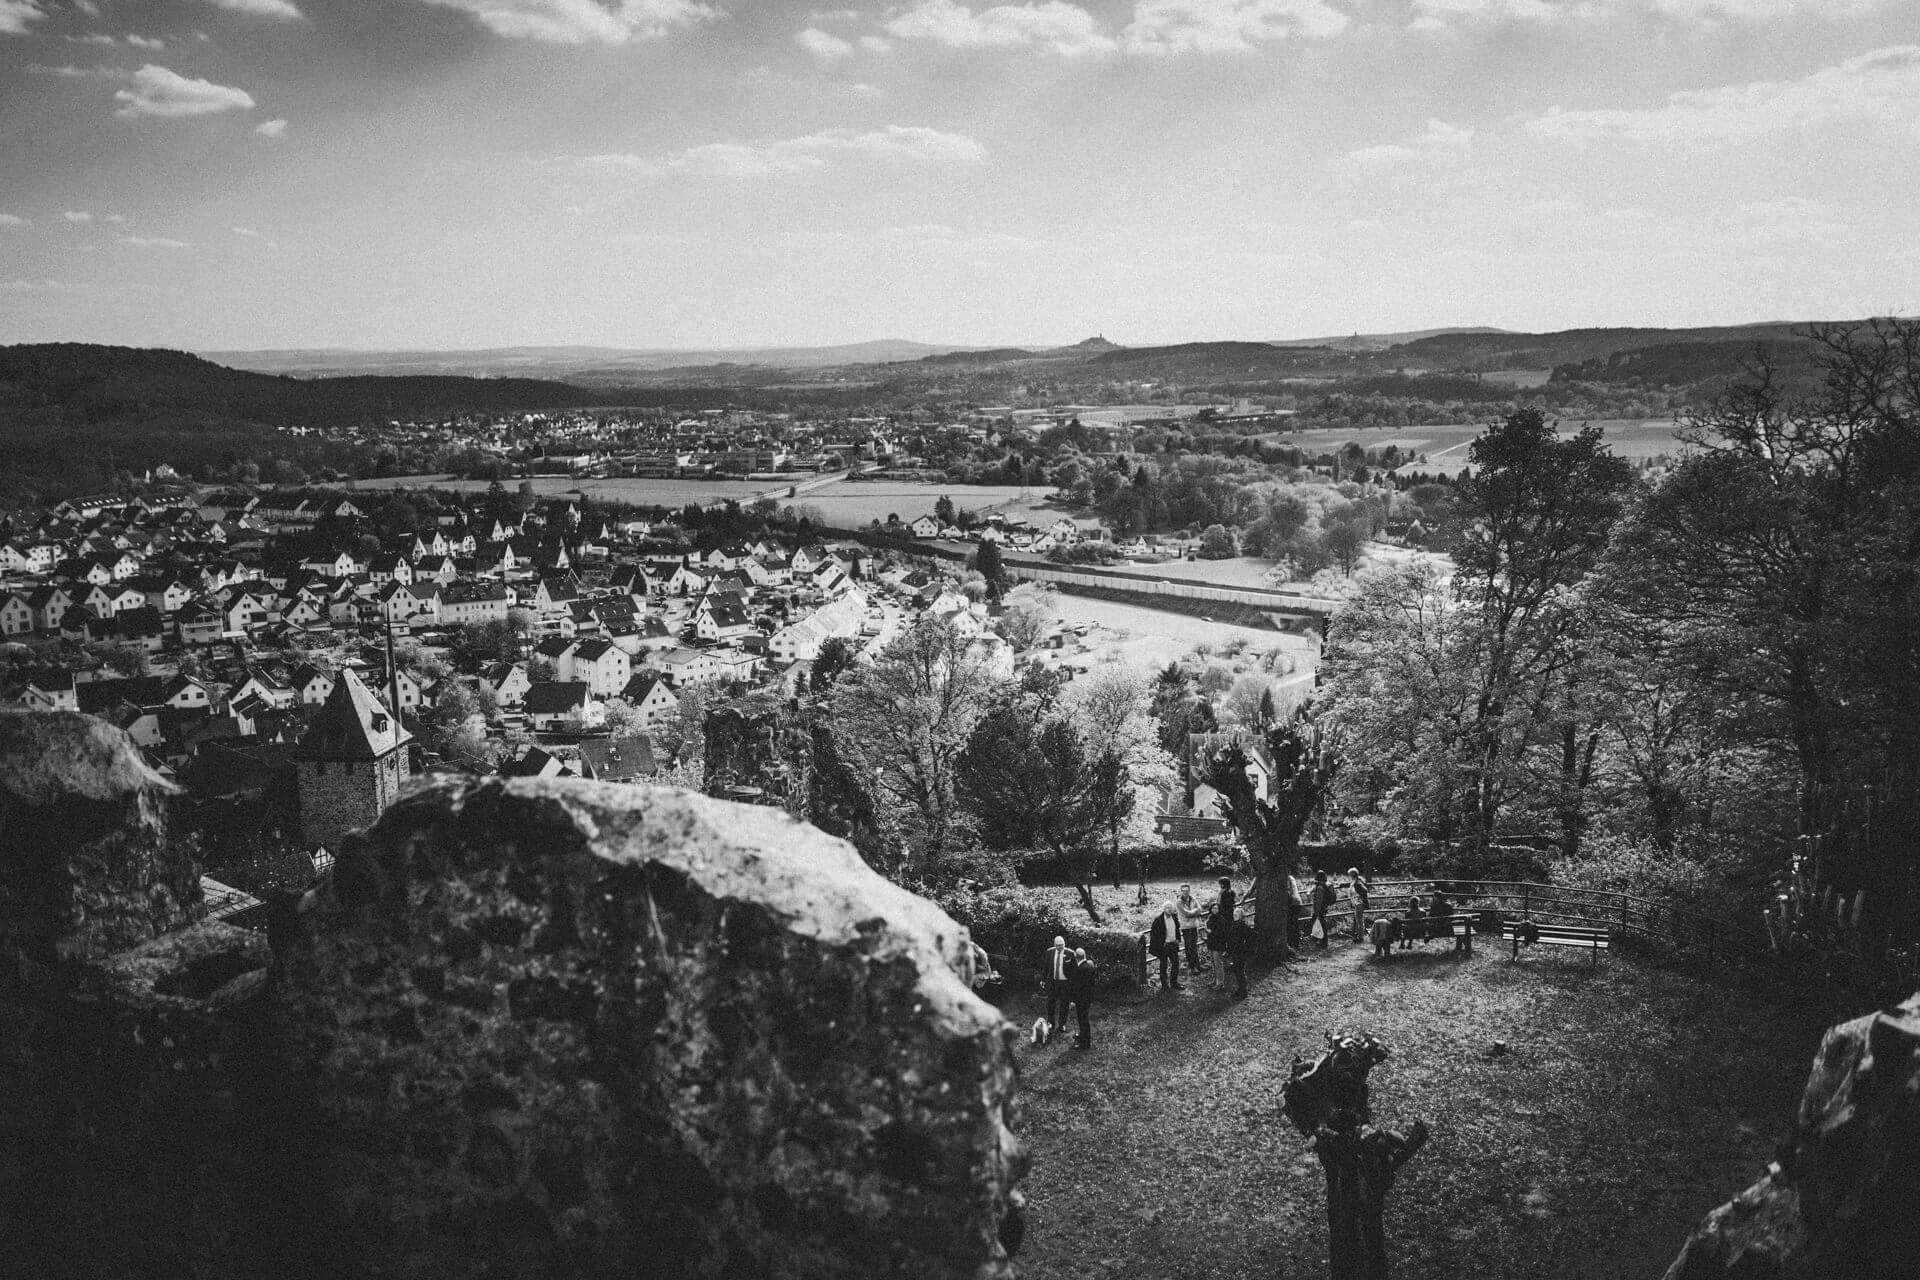 Hochzeitsfotograf Lollar - Hochzeitslocation Burg Staufenberg - lebendige und kreative Hochzeitsreportagen